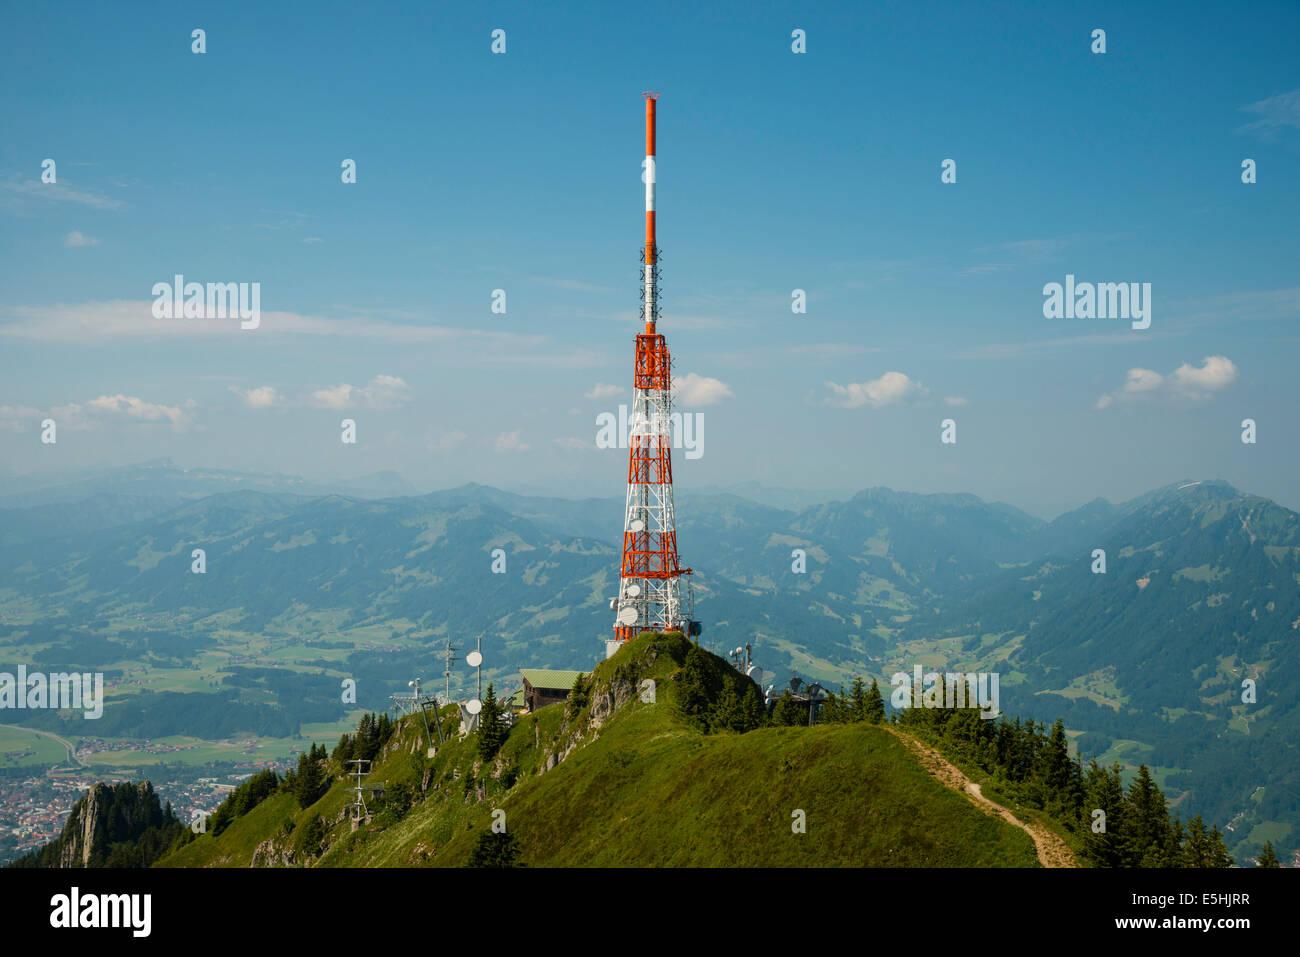 Transmission tower of the Bayerischer Rundfunk or Bavarian Broadcasting, Grünten, 1738m, Iller, Allgäu Alps Stock Photo